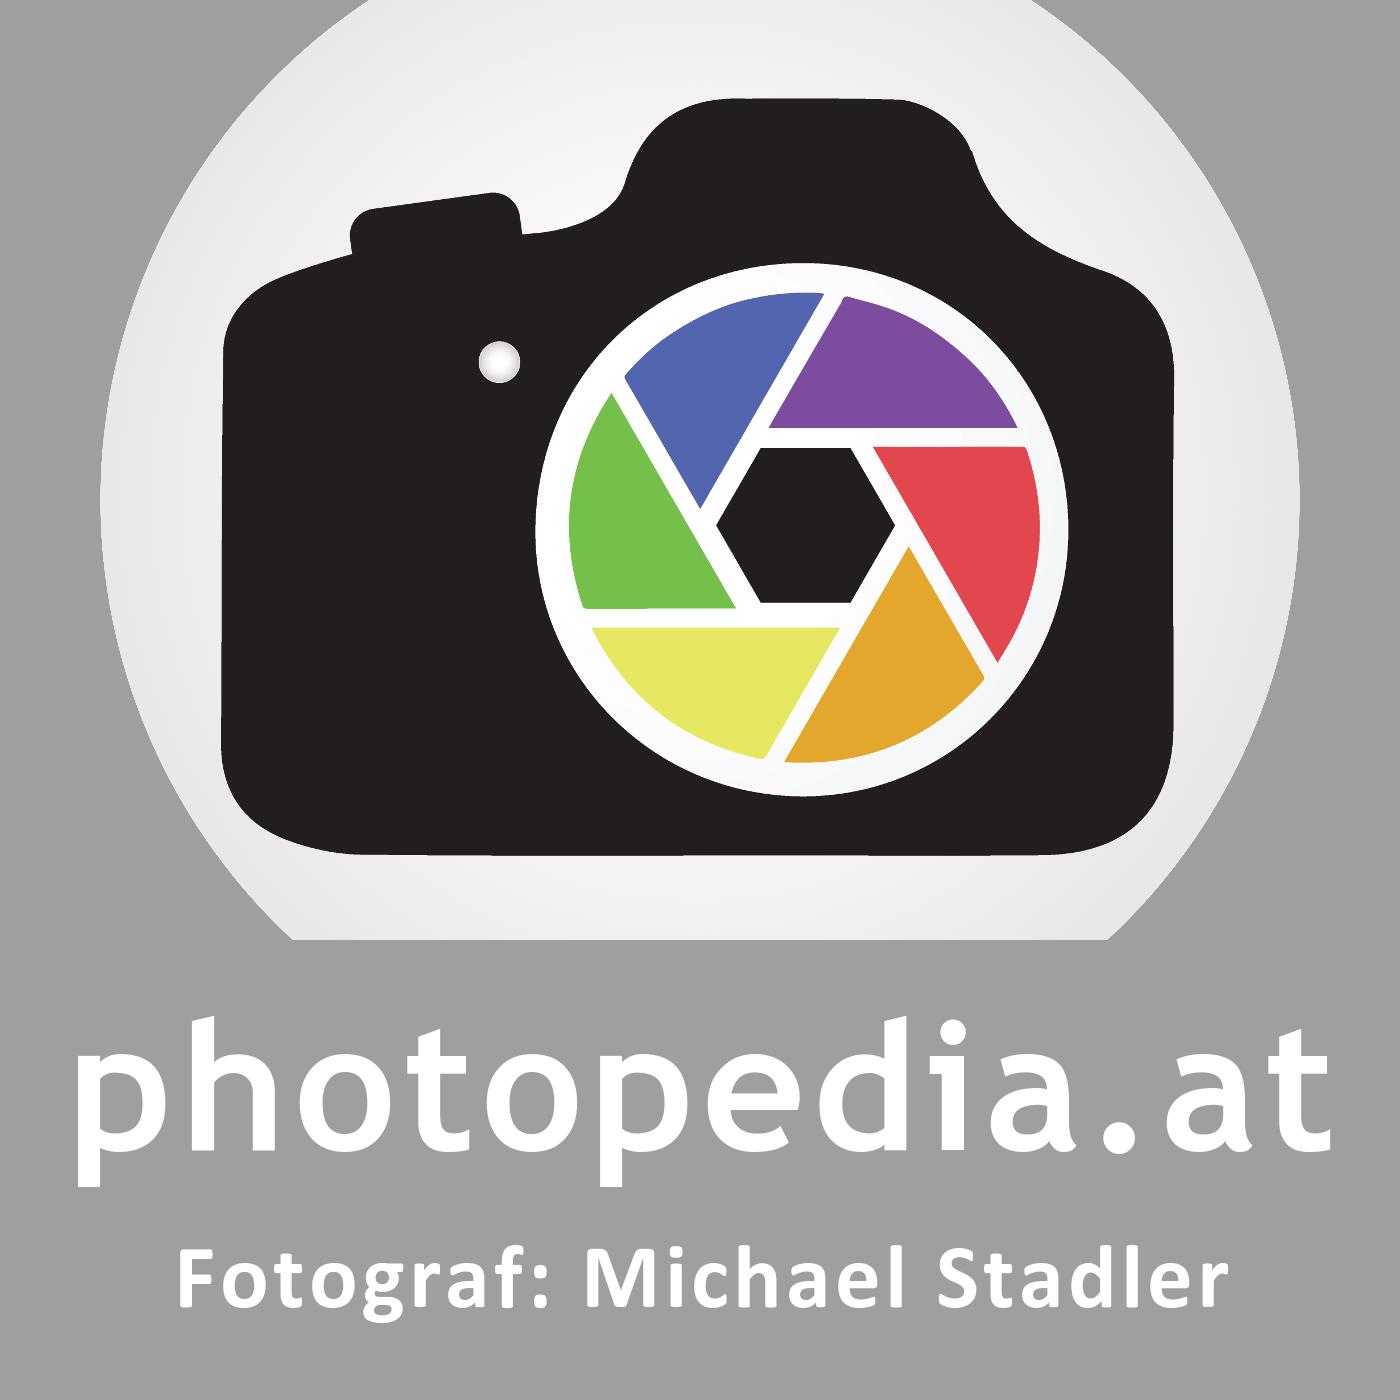 photopedia.at